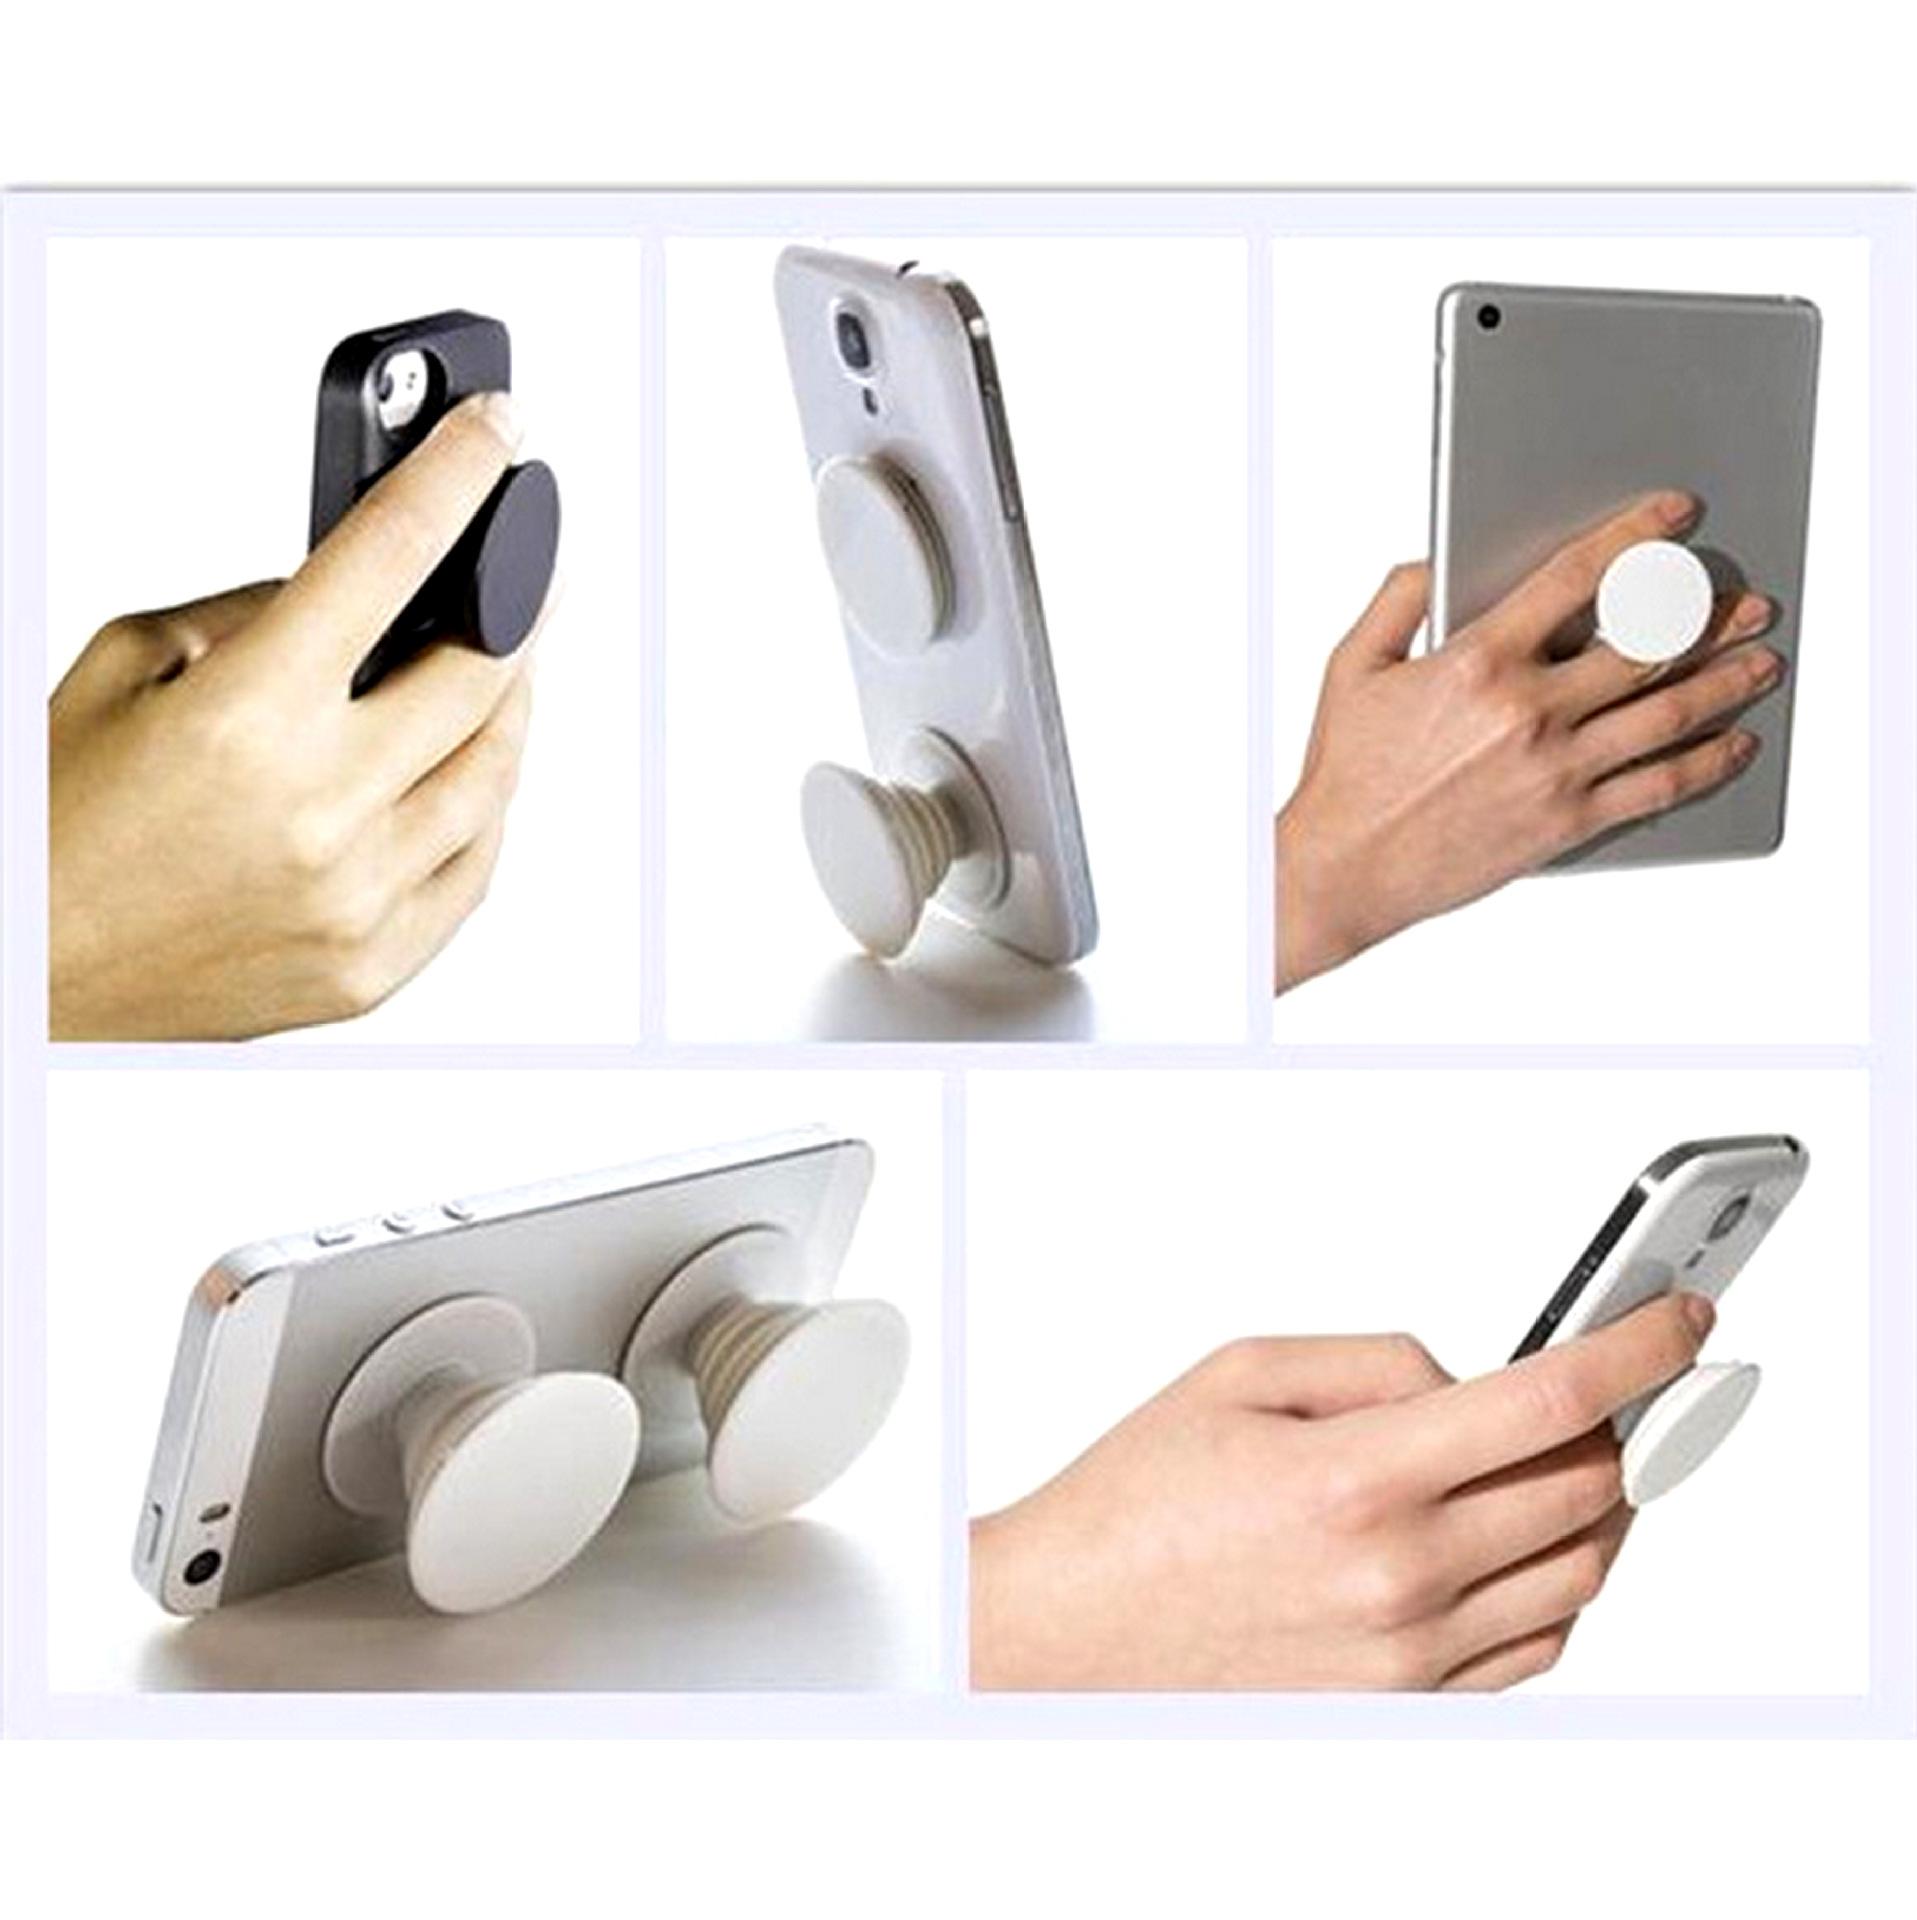 Socket phone holder.jpg